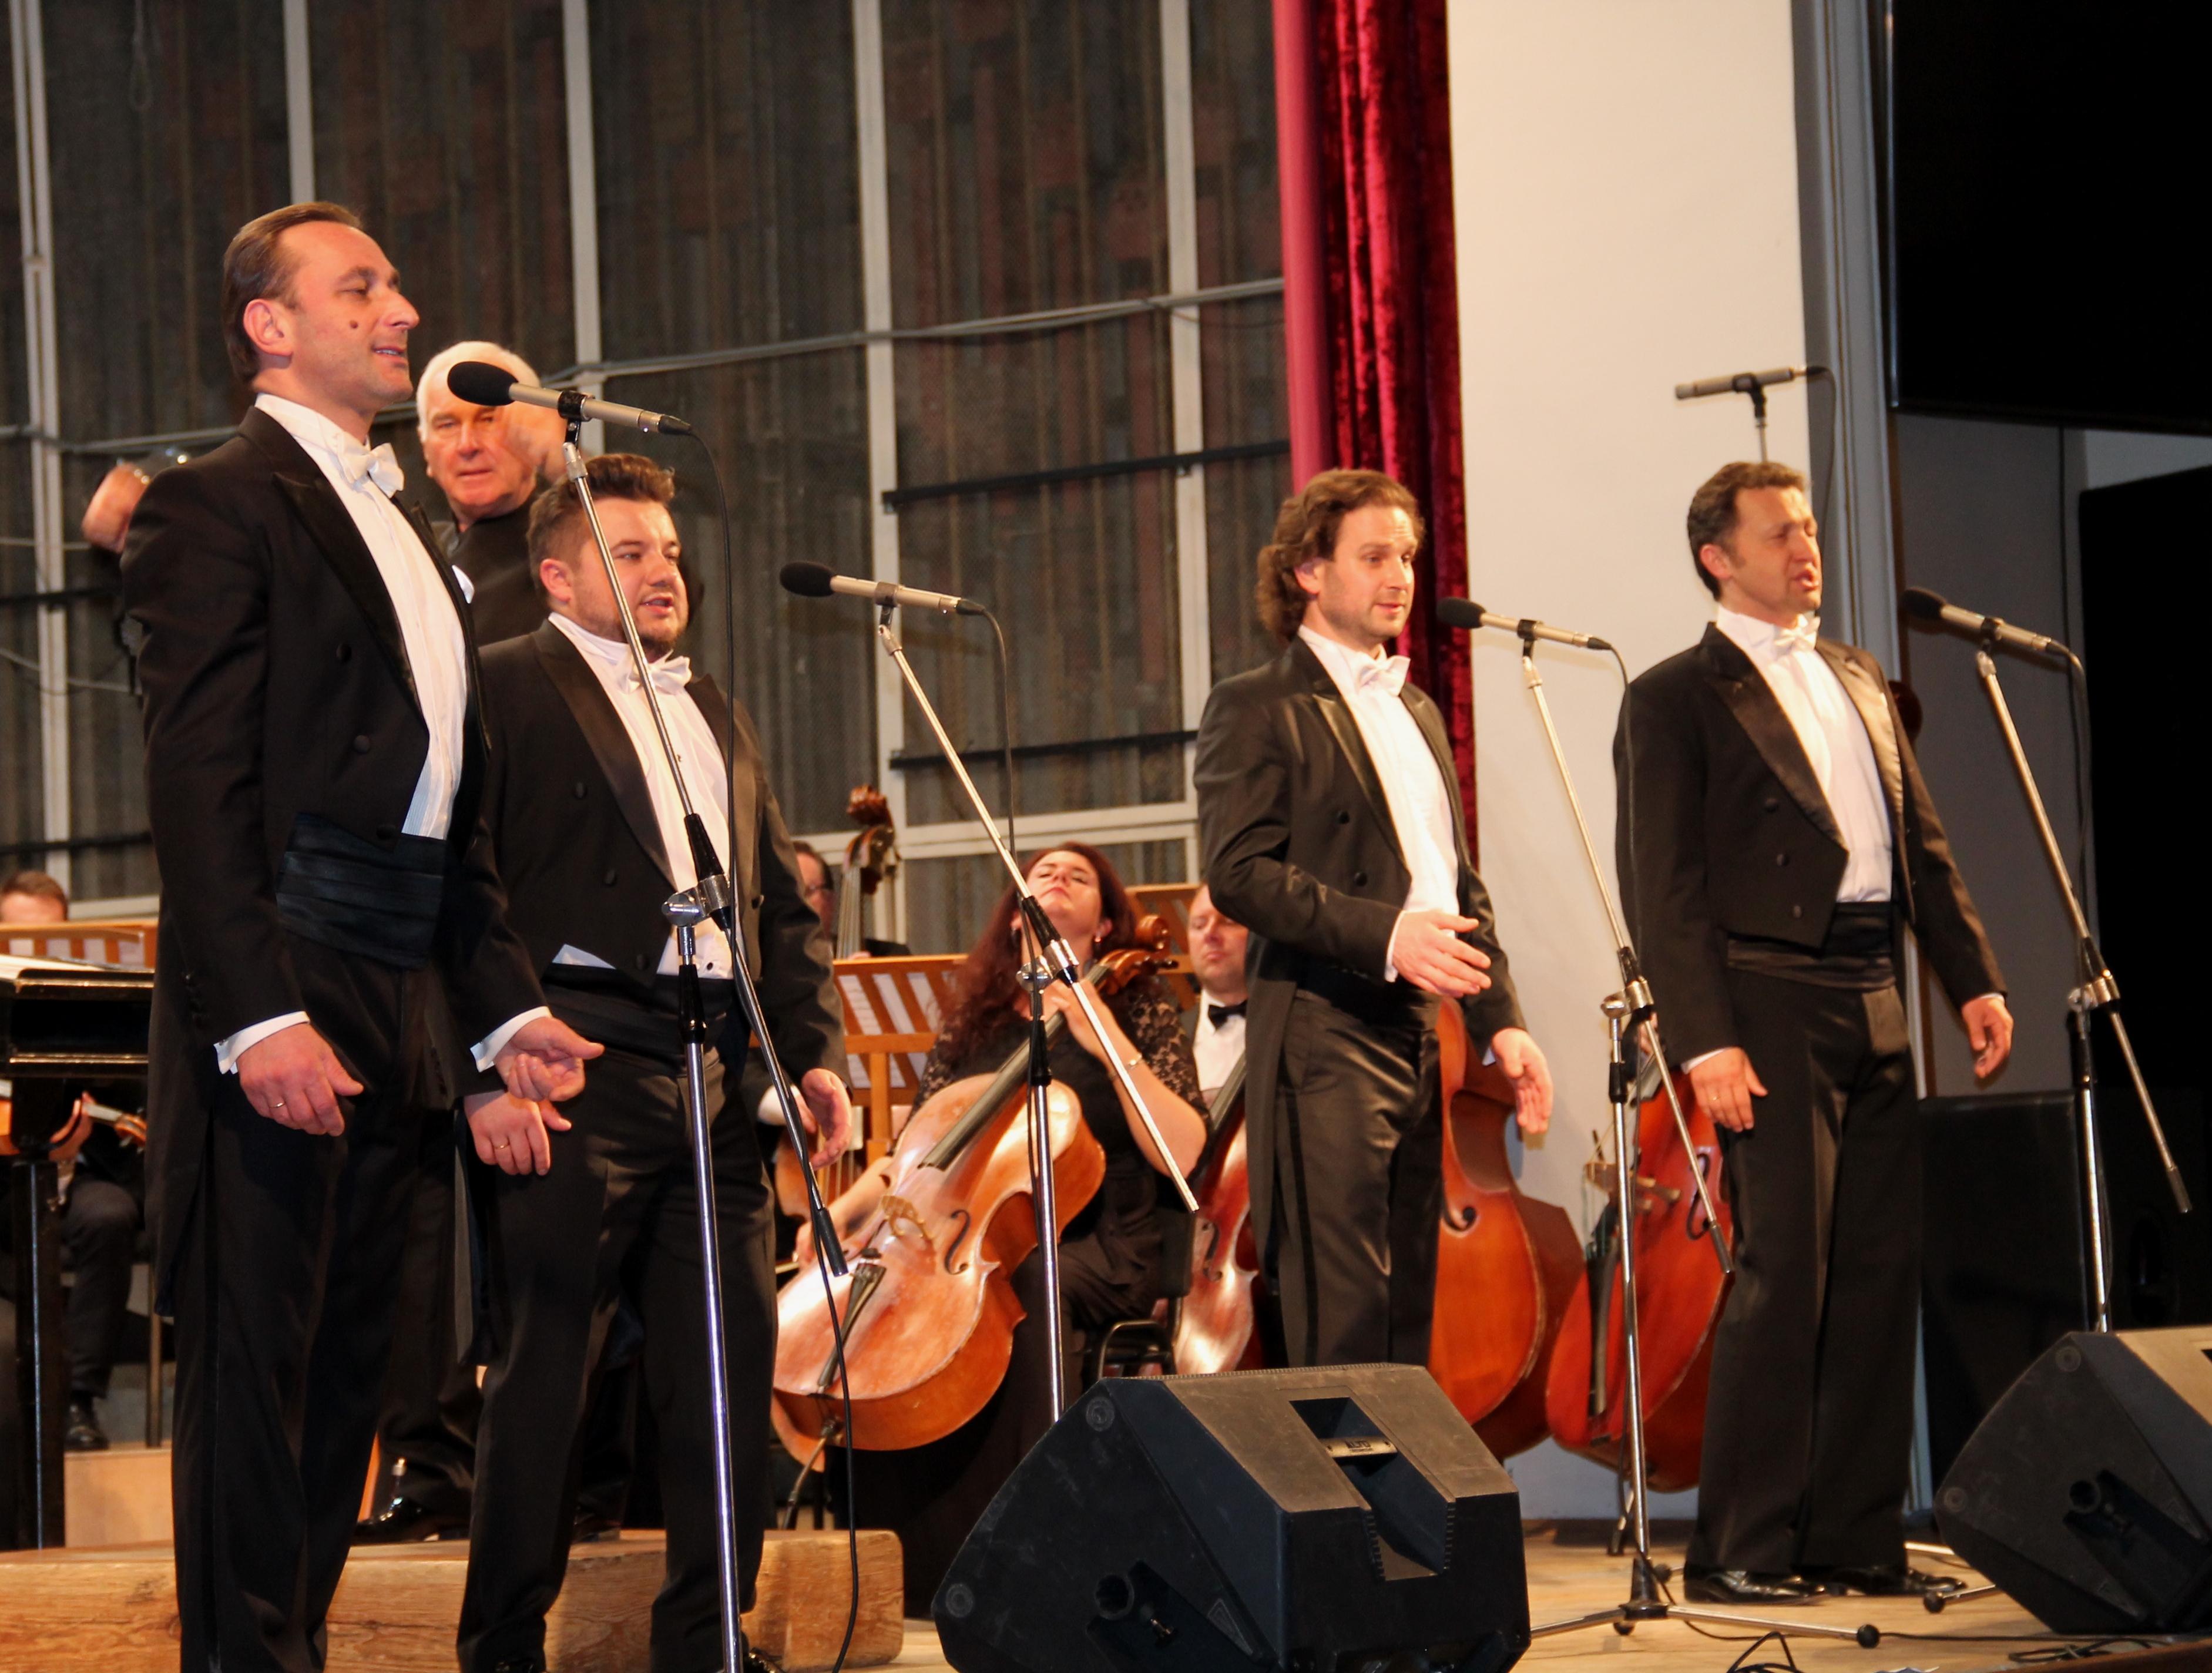 """""""Tenors bel'canto"""" і оркестр """"Філармонія"""": шедевр за шедевром (Фото)"""